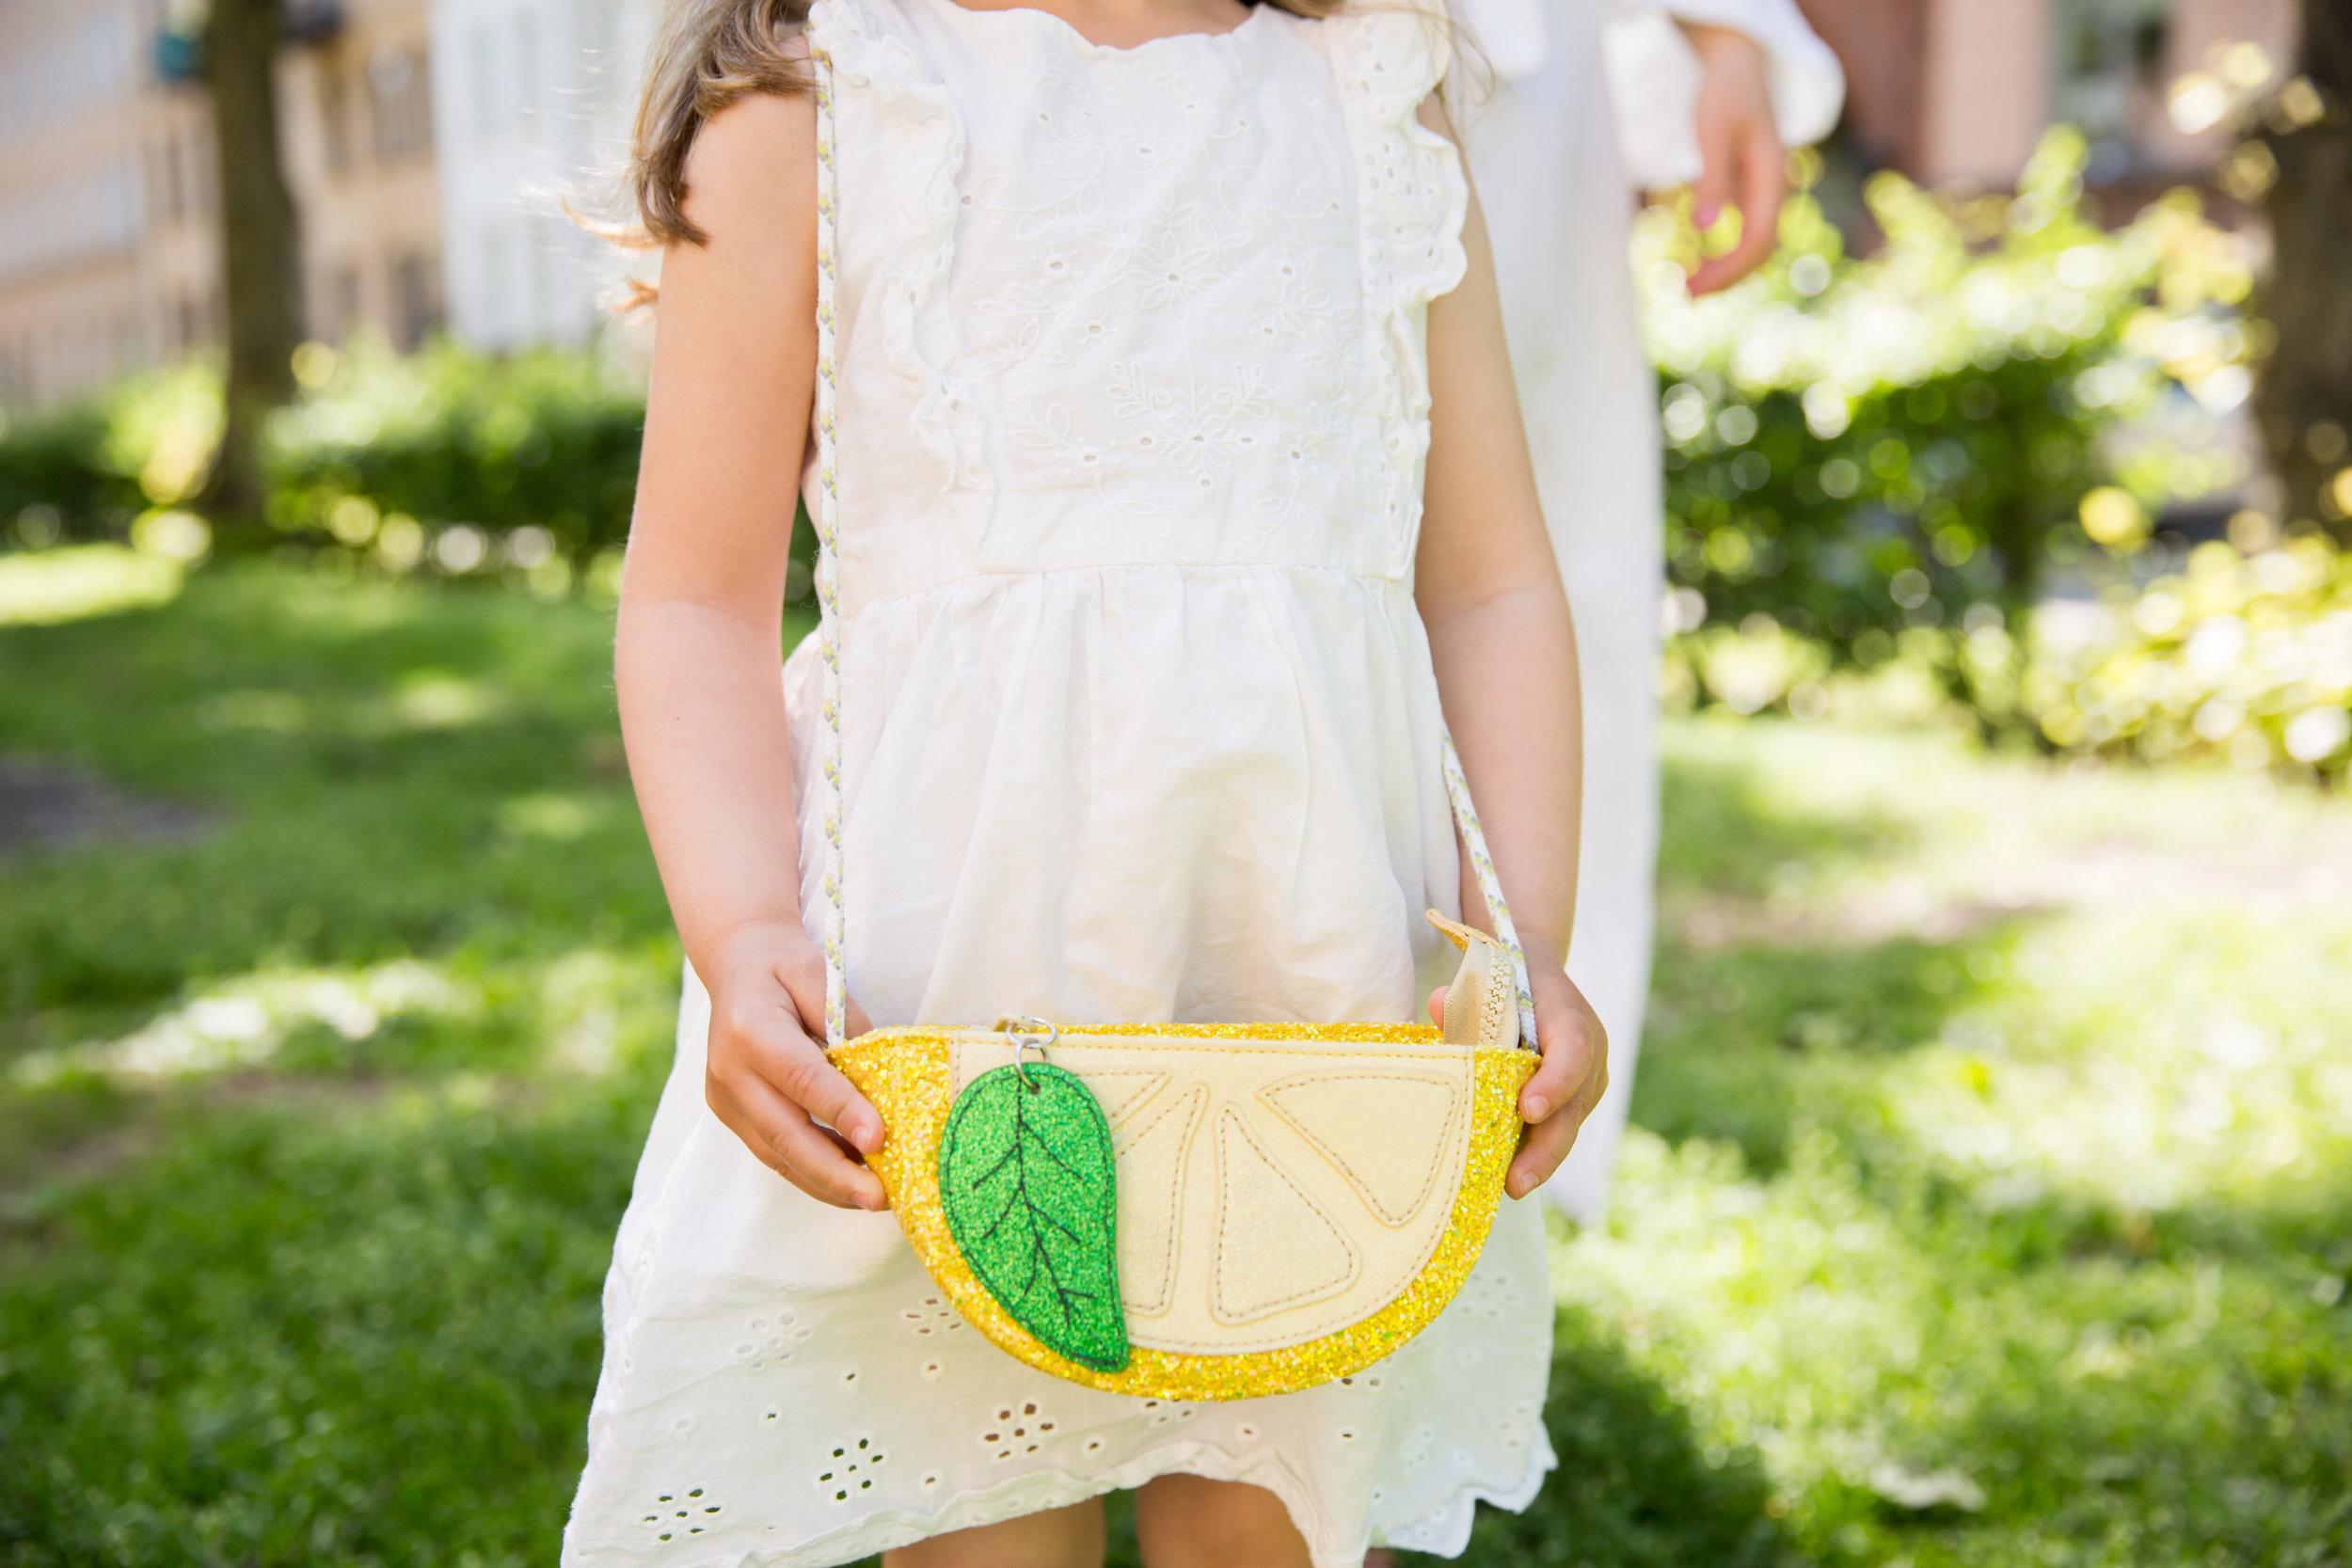 barnklader HM klanning vaska Livly.jpg